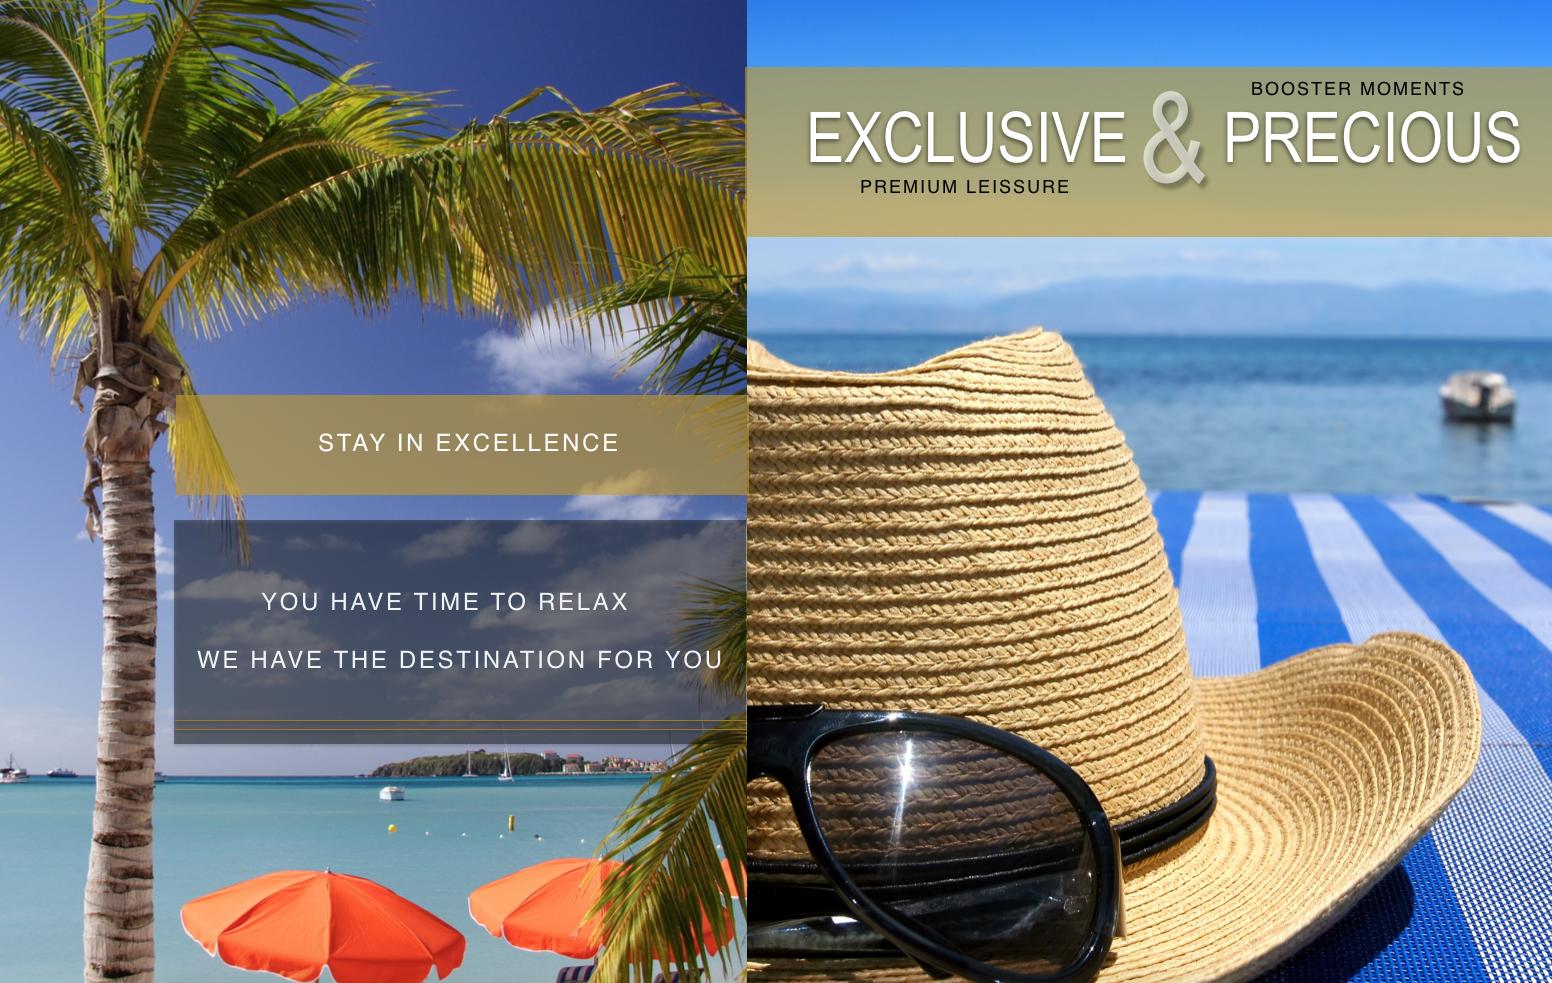 Freizeit und Reisen. Das Angebot mit exklusiven Destinations, besonderen Hotels. Für Wellness- und Spaliebhaber. Das Angebot für HIDEAWAYS von MEDIZIN ASPEKTE.